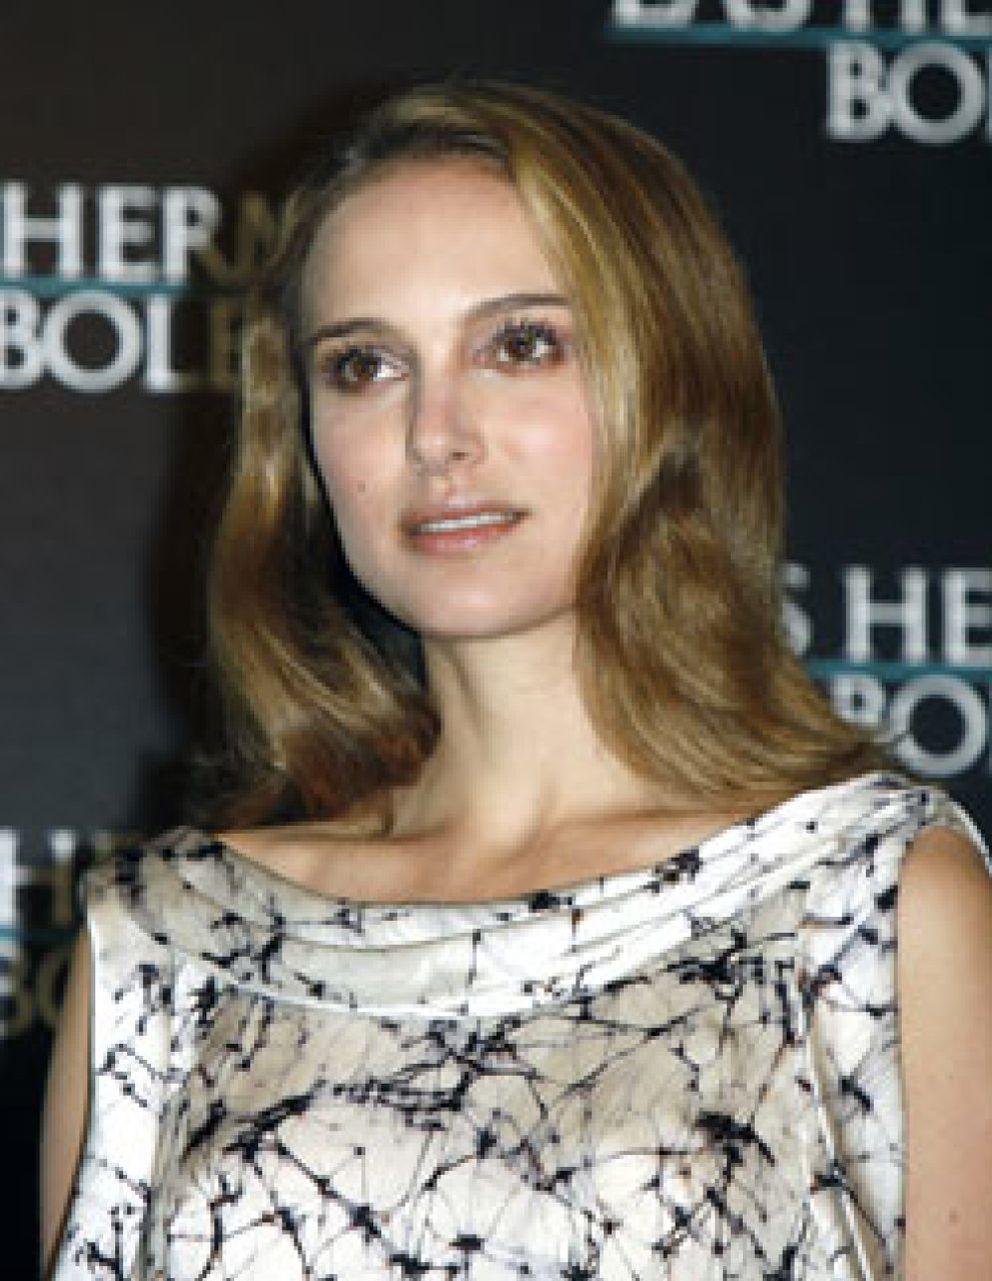 Foto: Natalie Portman presenta en Madrid junto a Eric Bana 'Las hermanas Bolena'